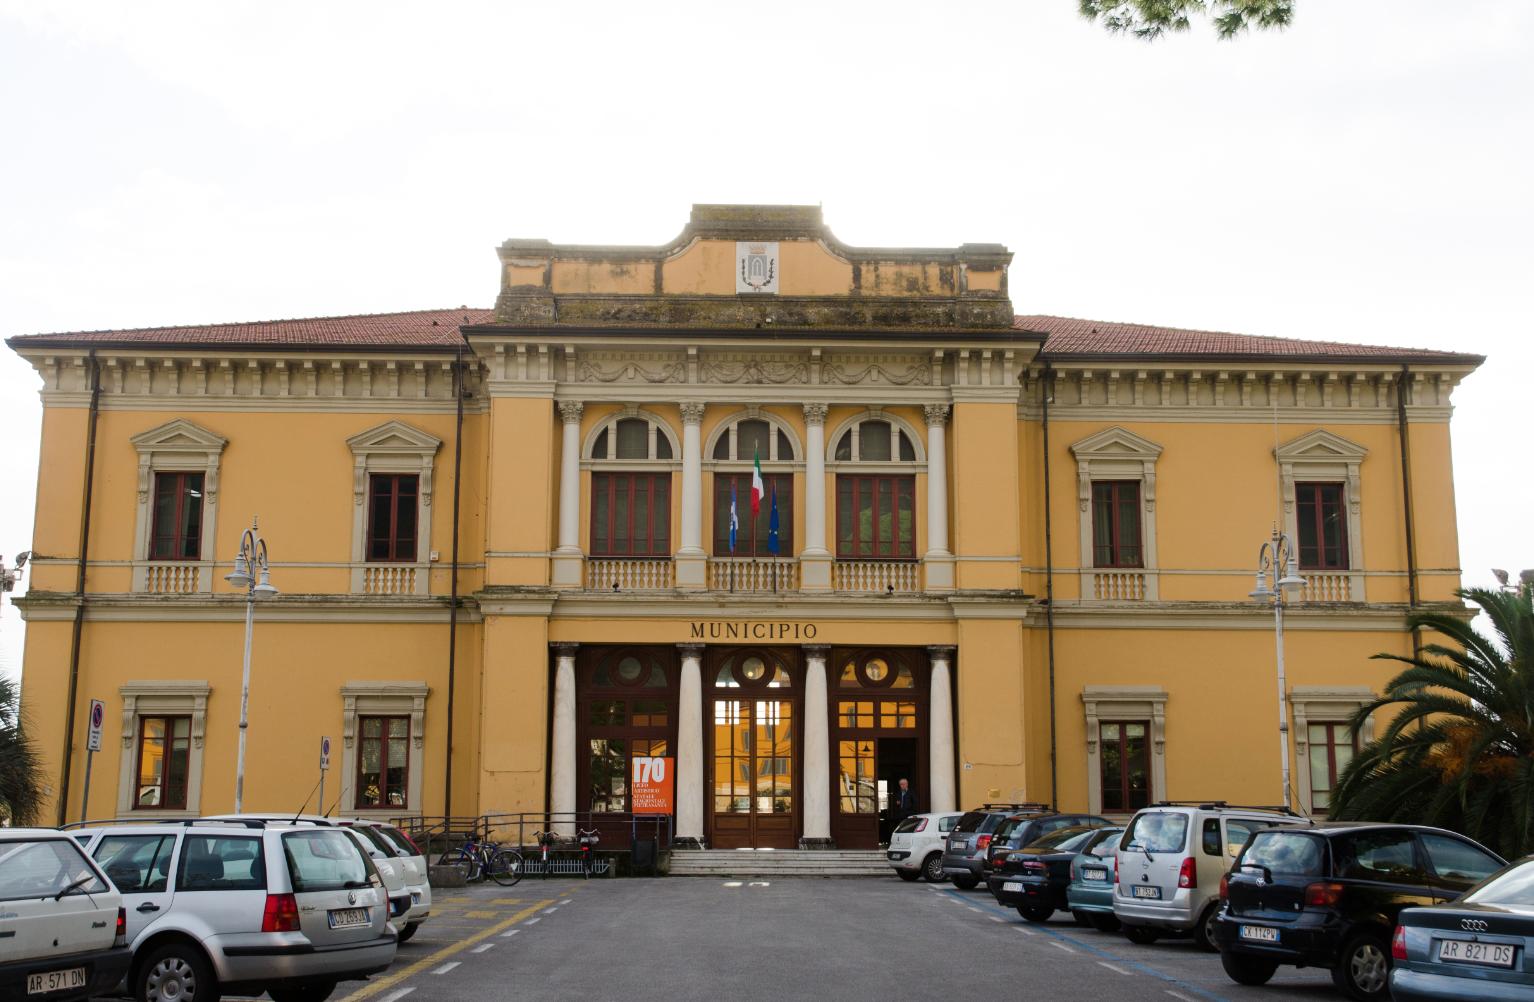 Pietrasanta aderisce alla gestione associata del servizio SUAP dell'Unione dei Comuni